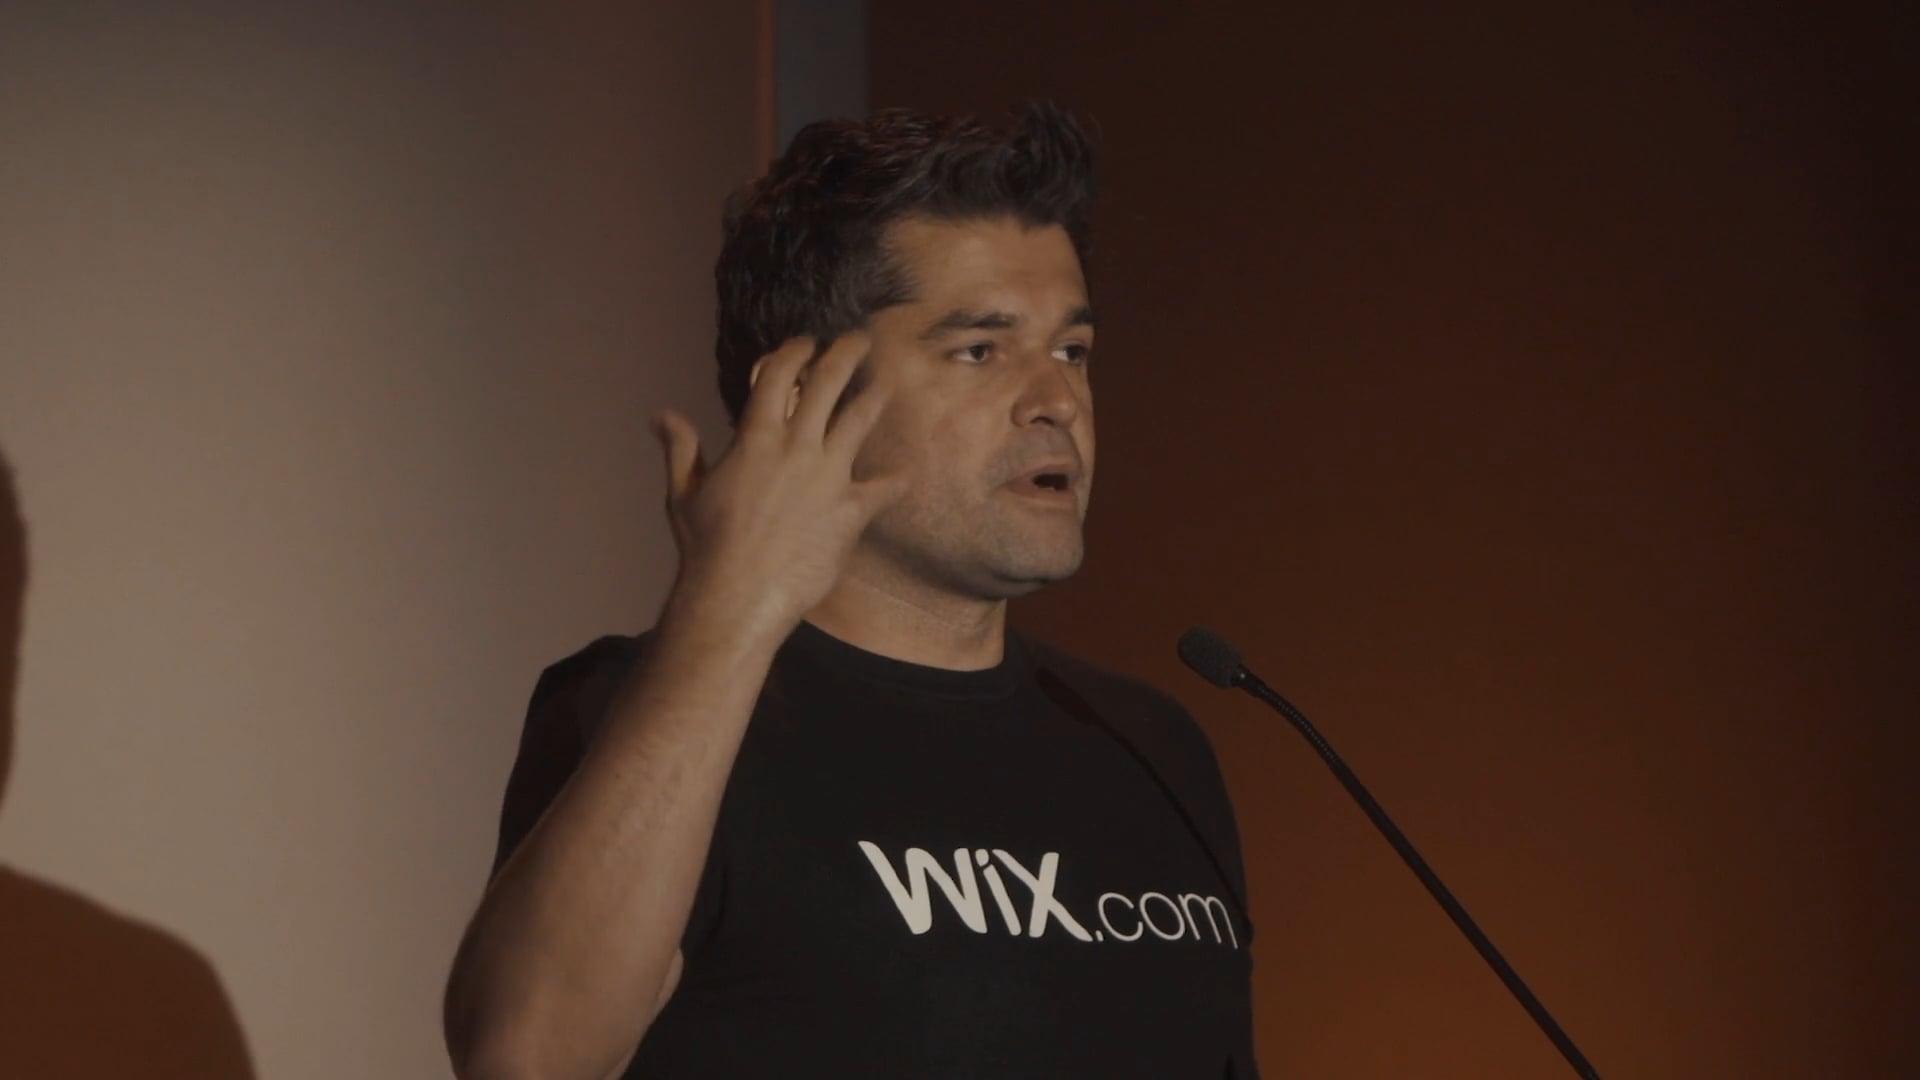 FIBA-Innovation Fusion 2018-Wix.com Presentation